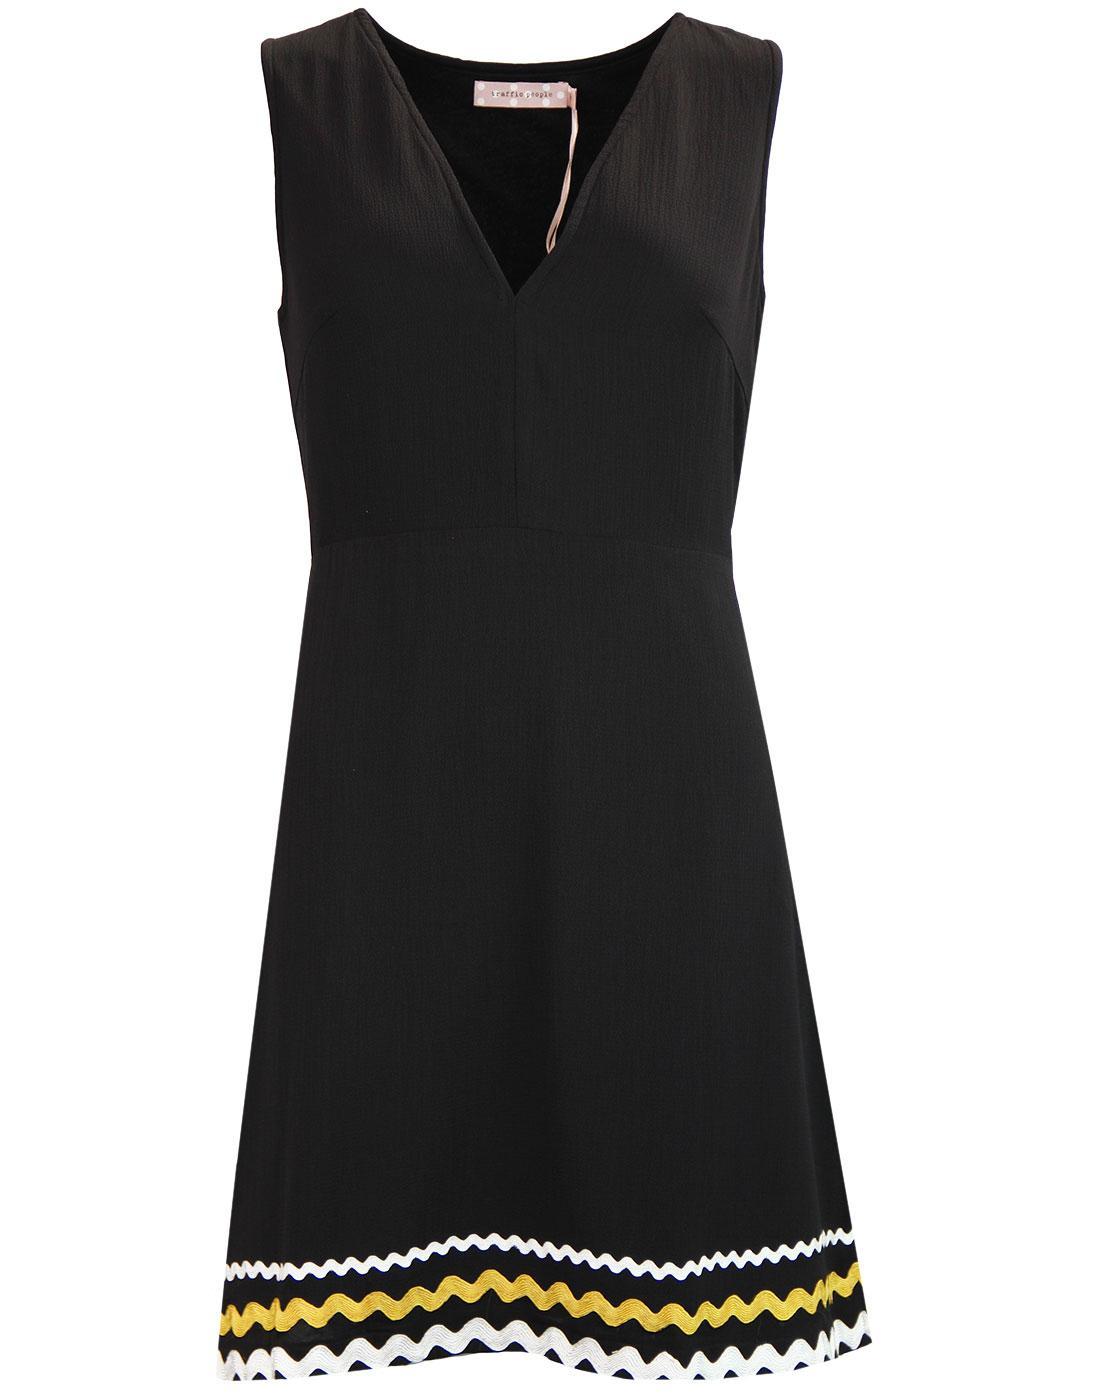 Sweet Promises TRAFFIC PEOPLE 60s Mod Dress BLACK